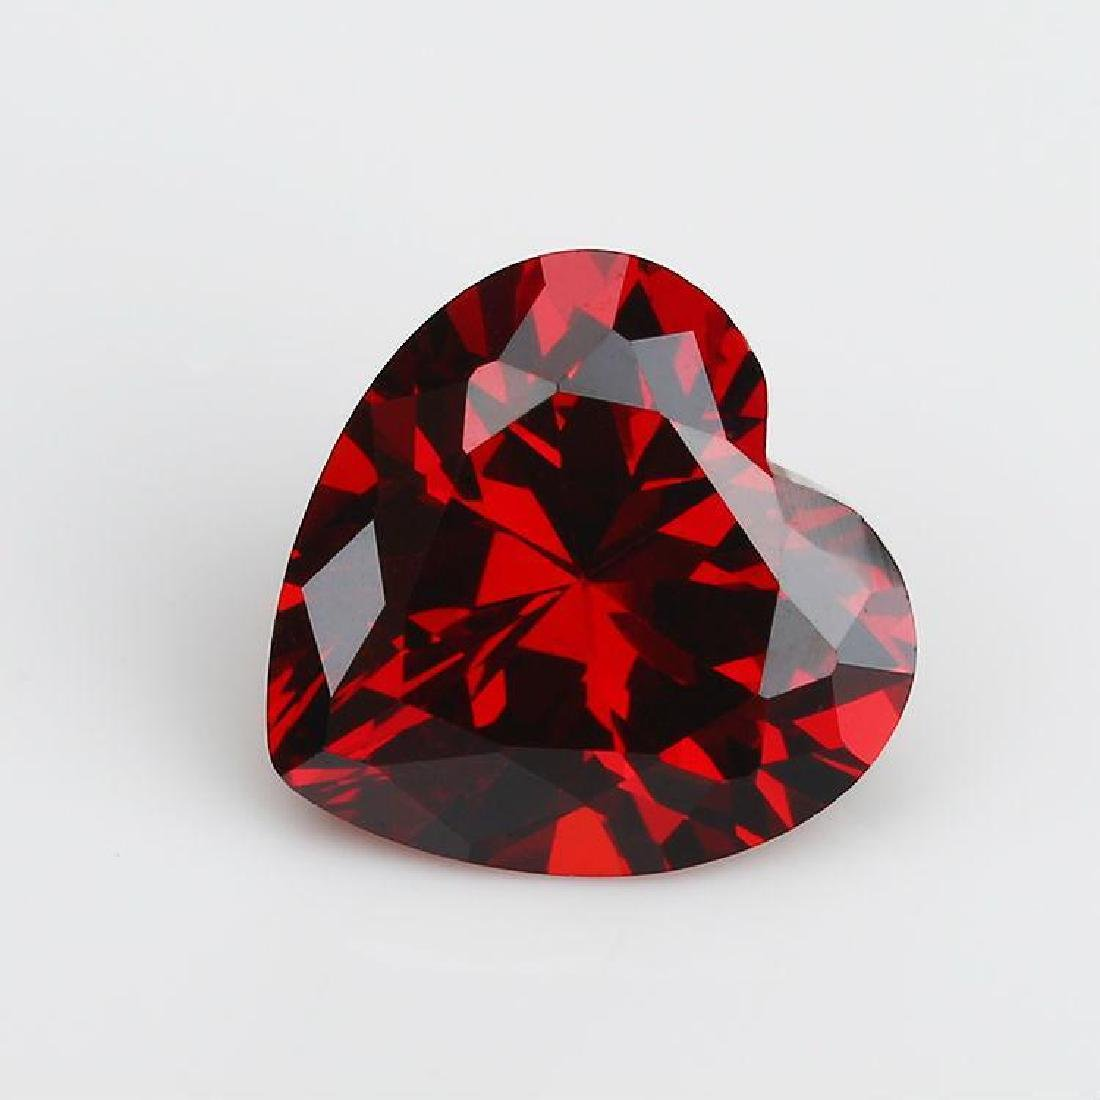 Heart Garnet VVS Bianco 6AAAAAA Diamond 11*11mm